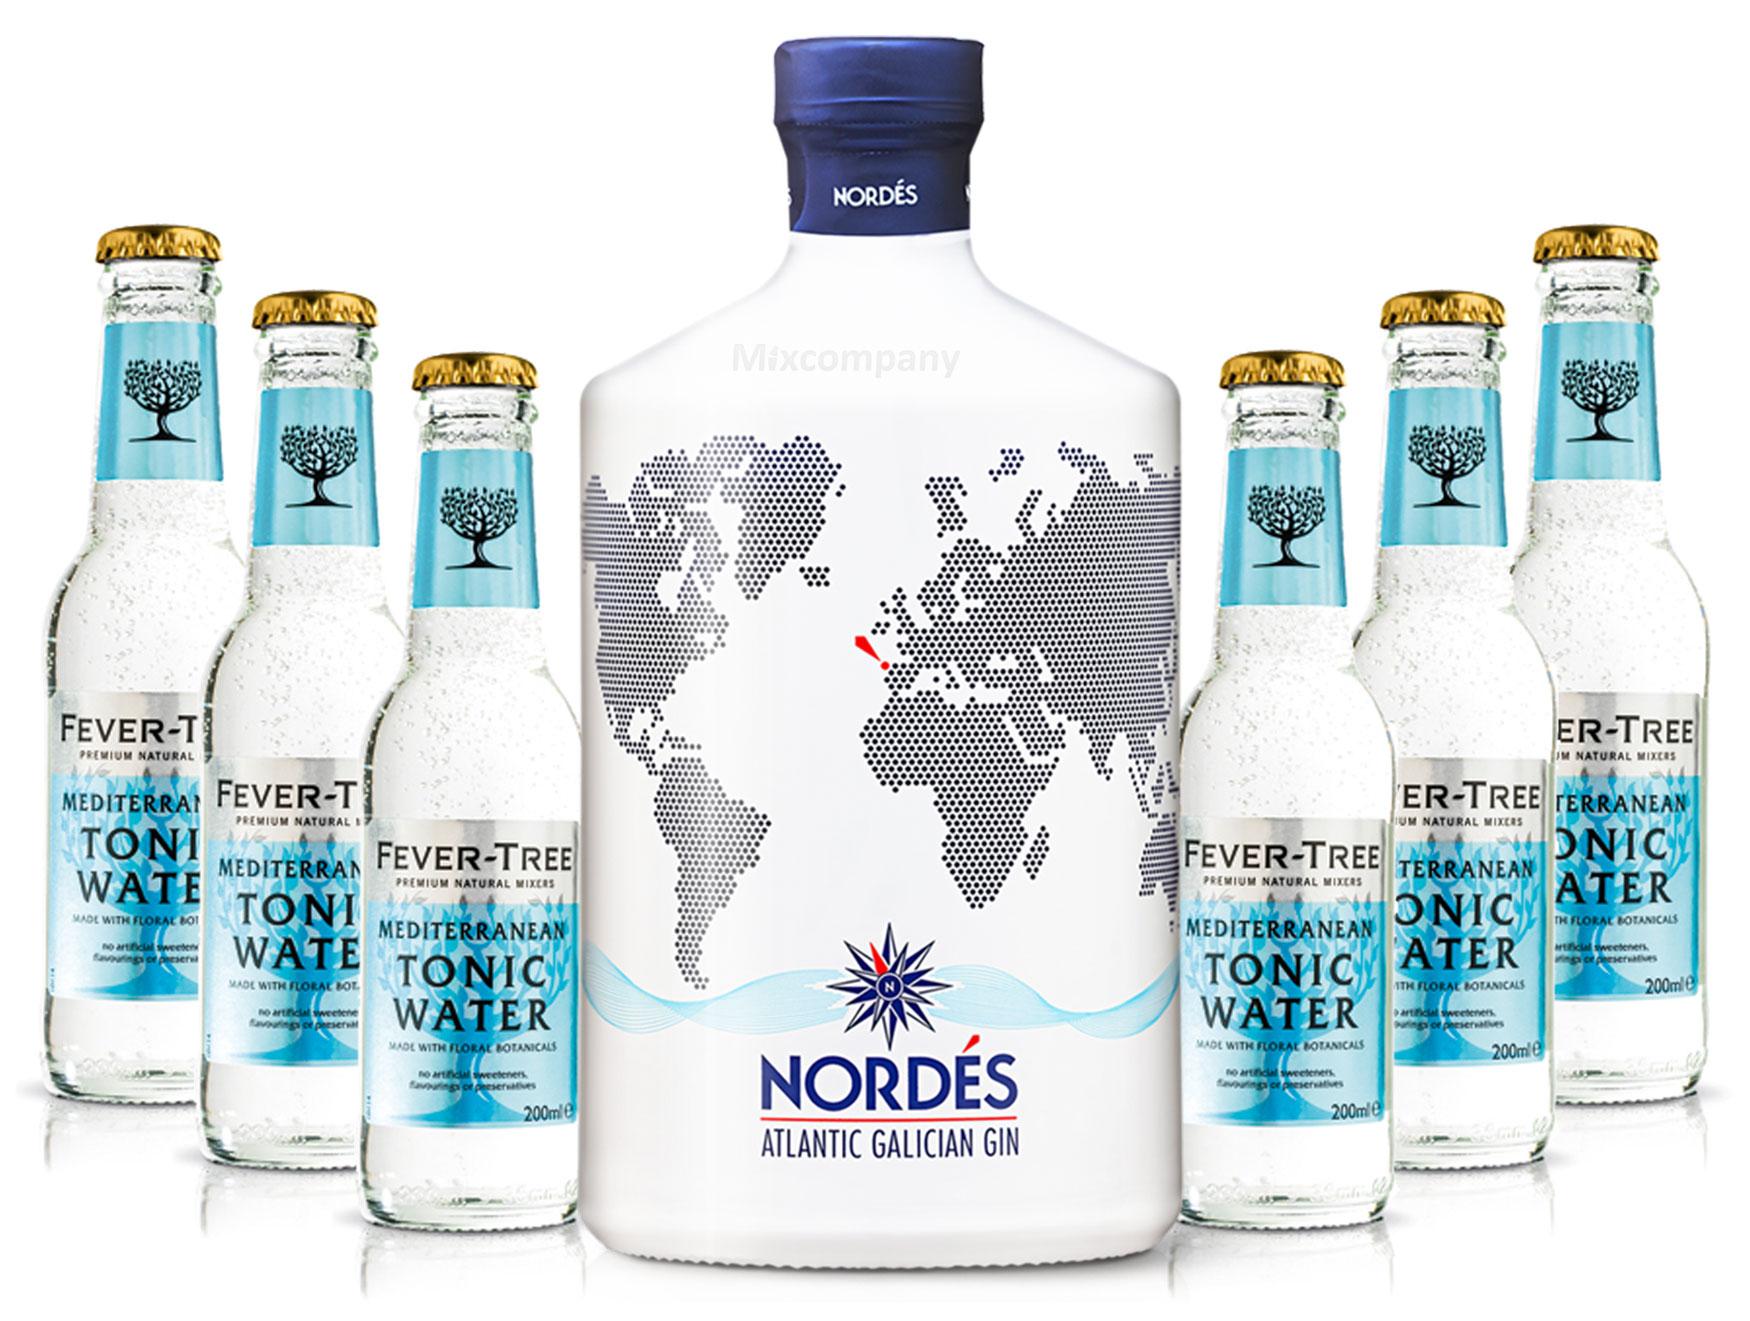 Nordes Atlantic Galician Gin aus Galizien 0,7l (40% Vol) + 6x Fever-Tree Mediterranean Tonic Water 0,2 MEHRWEG inkl. Pfand- [Enthält Sulfite]